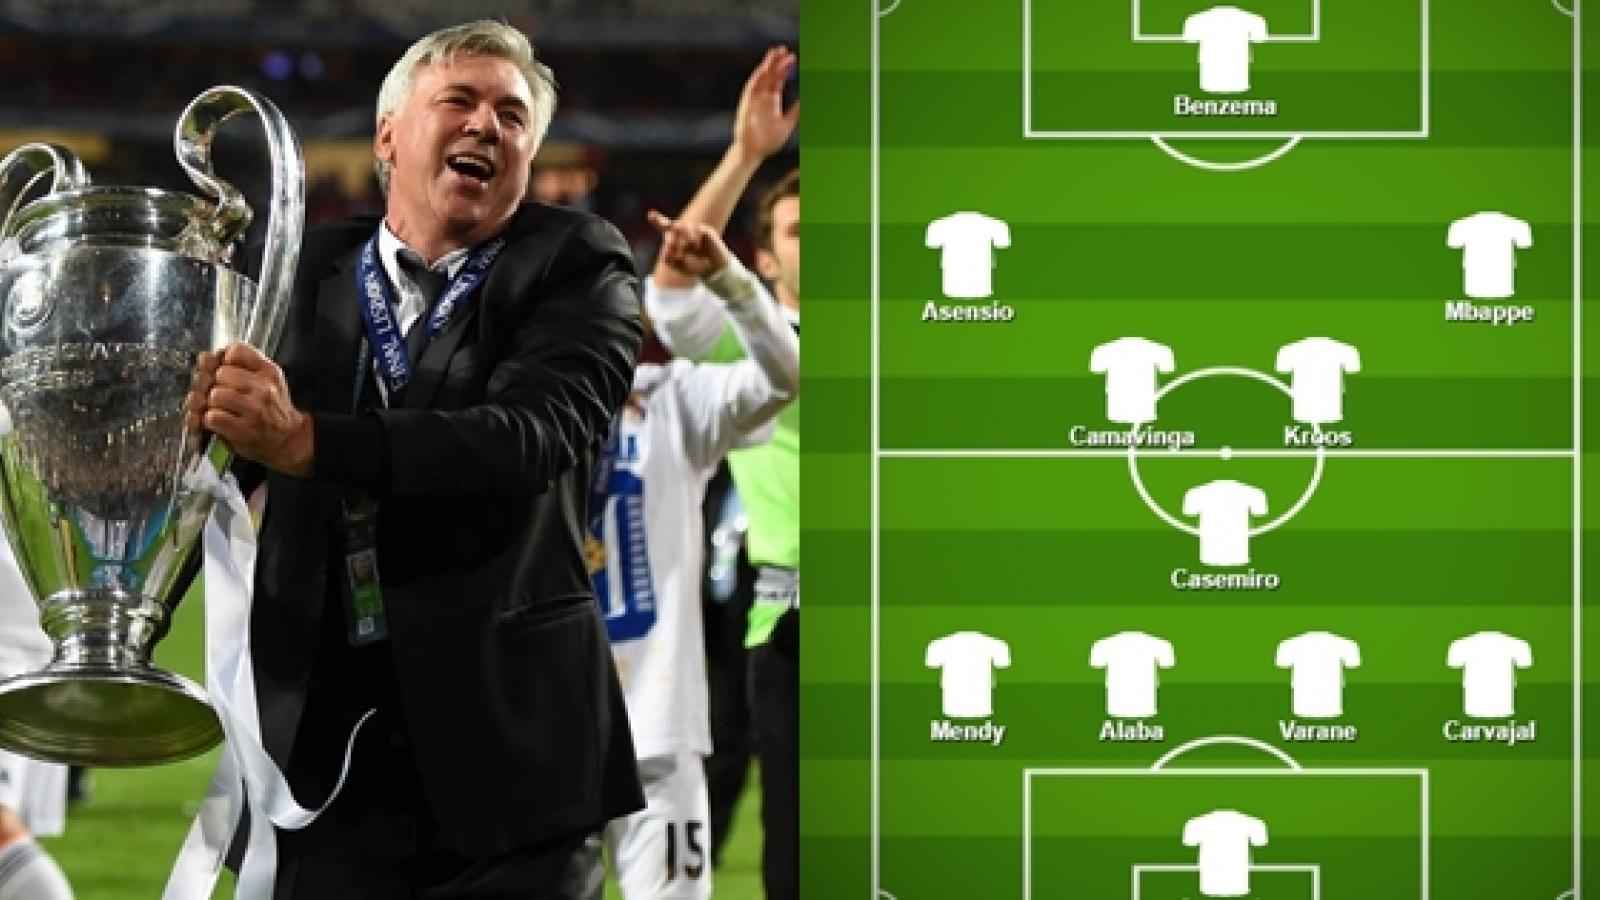 Dự đoán đội hình tối ưu của Real Madrid dưới thời HLV Carlo Ancelotti